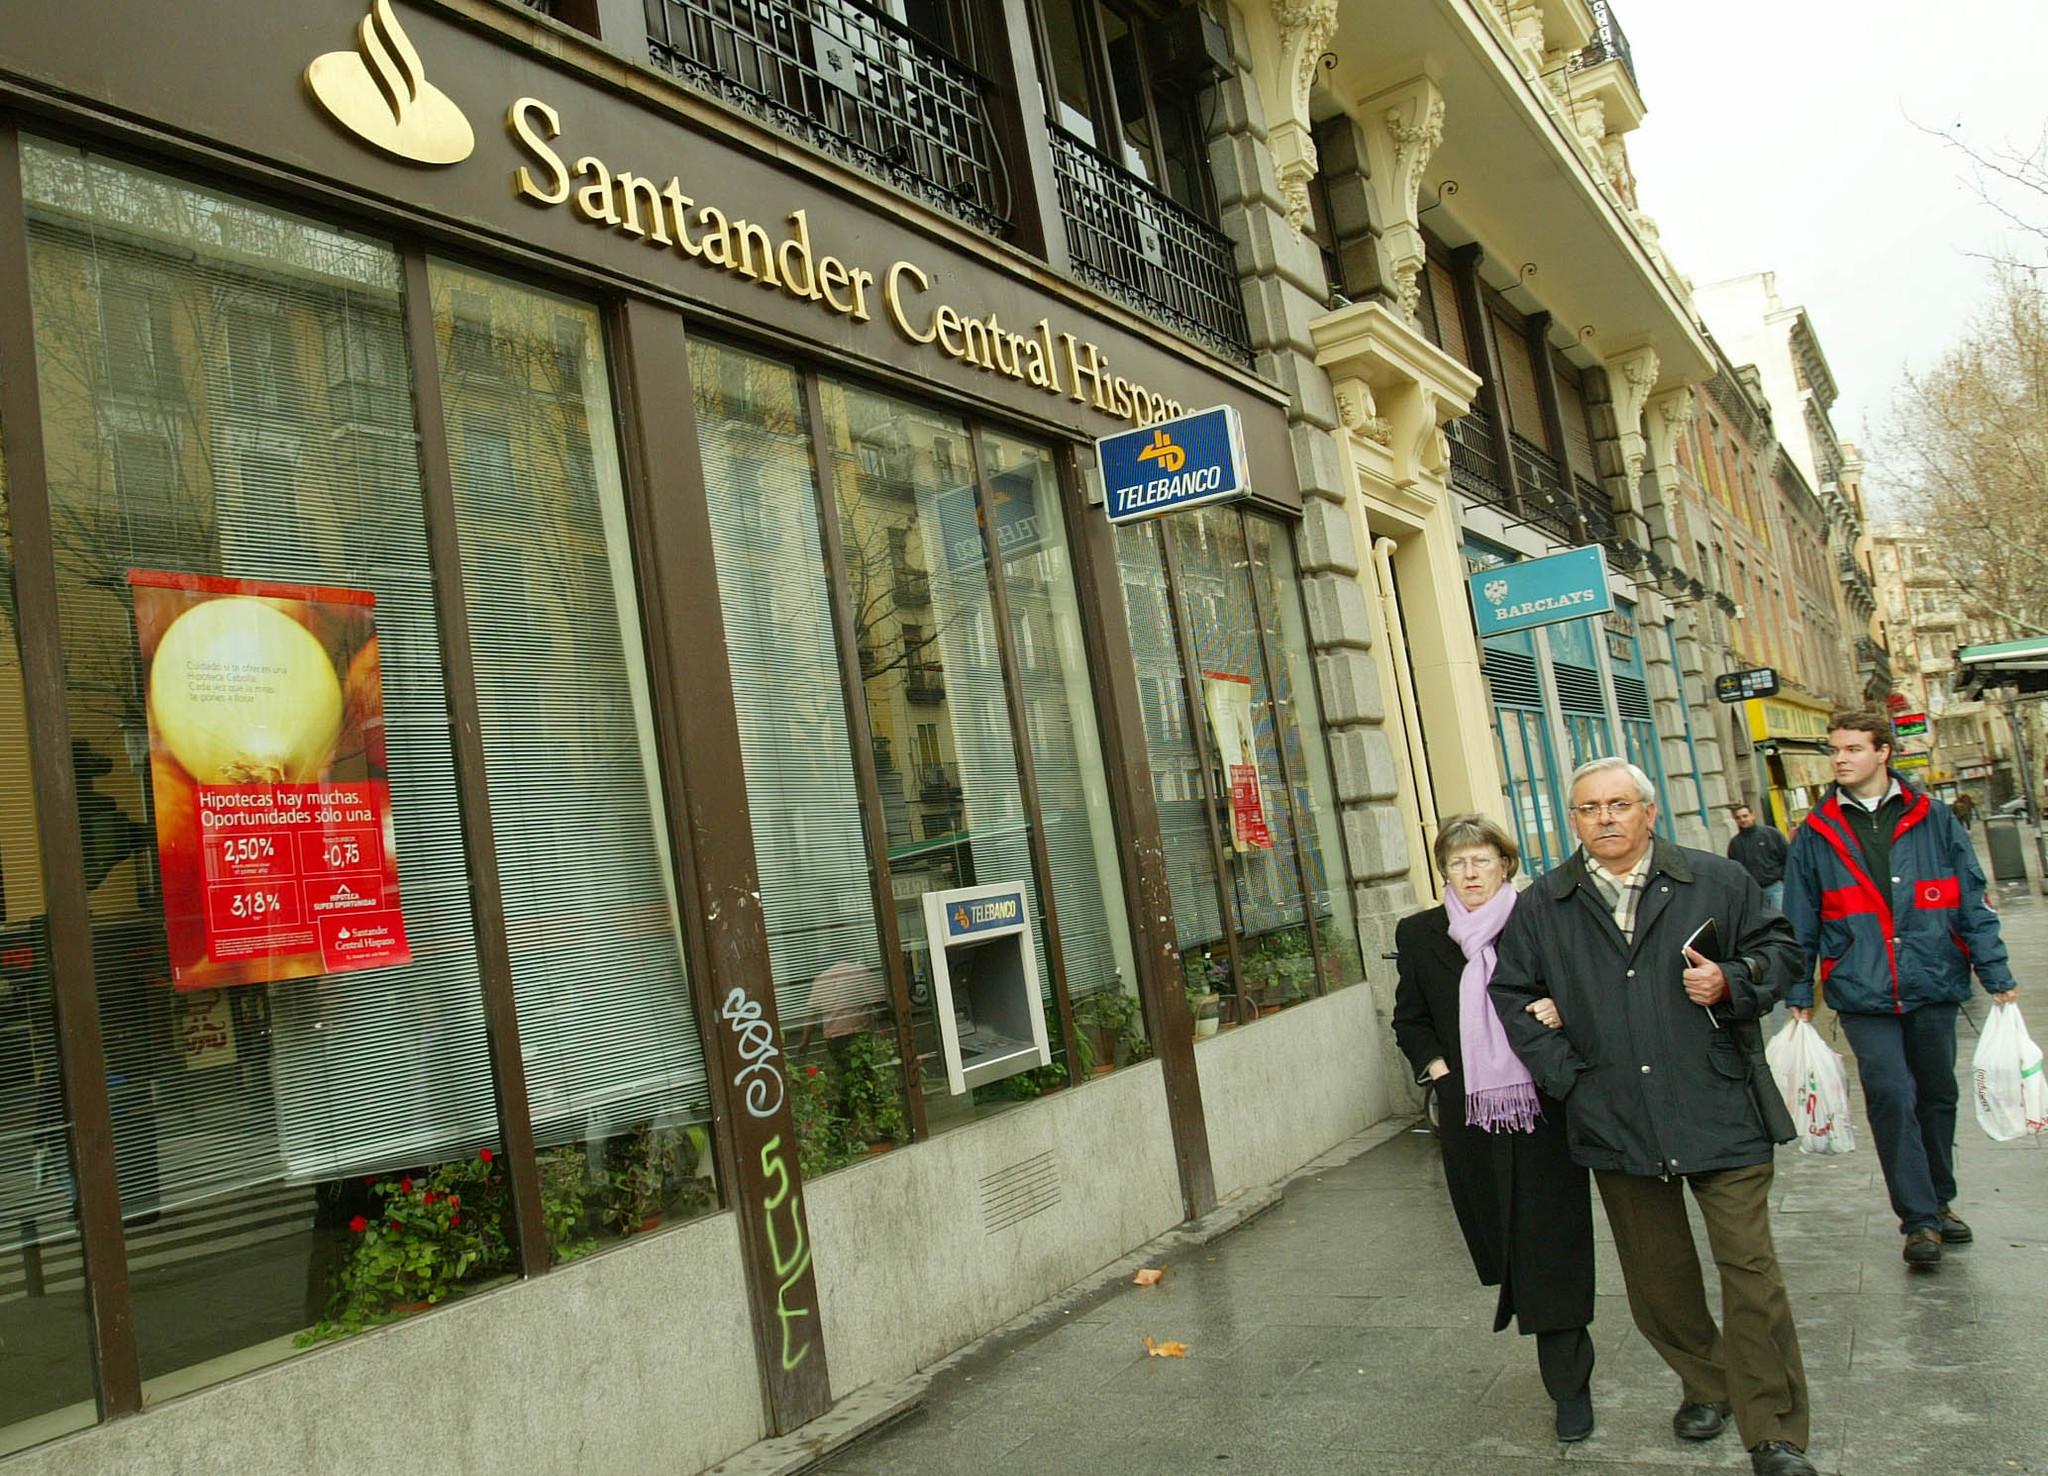 Diferentes sucursales bancarias en una calle principal de Madrid